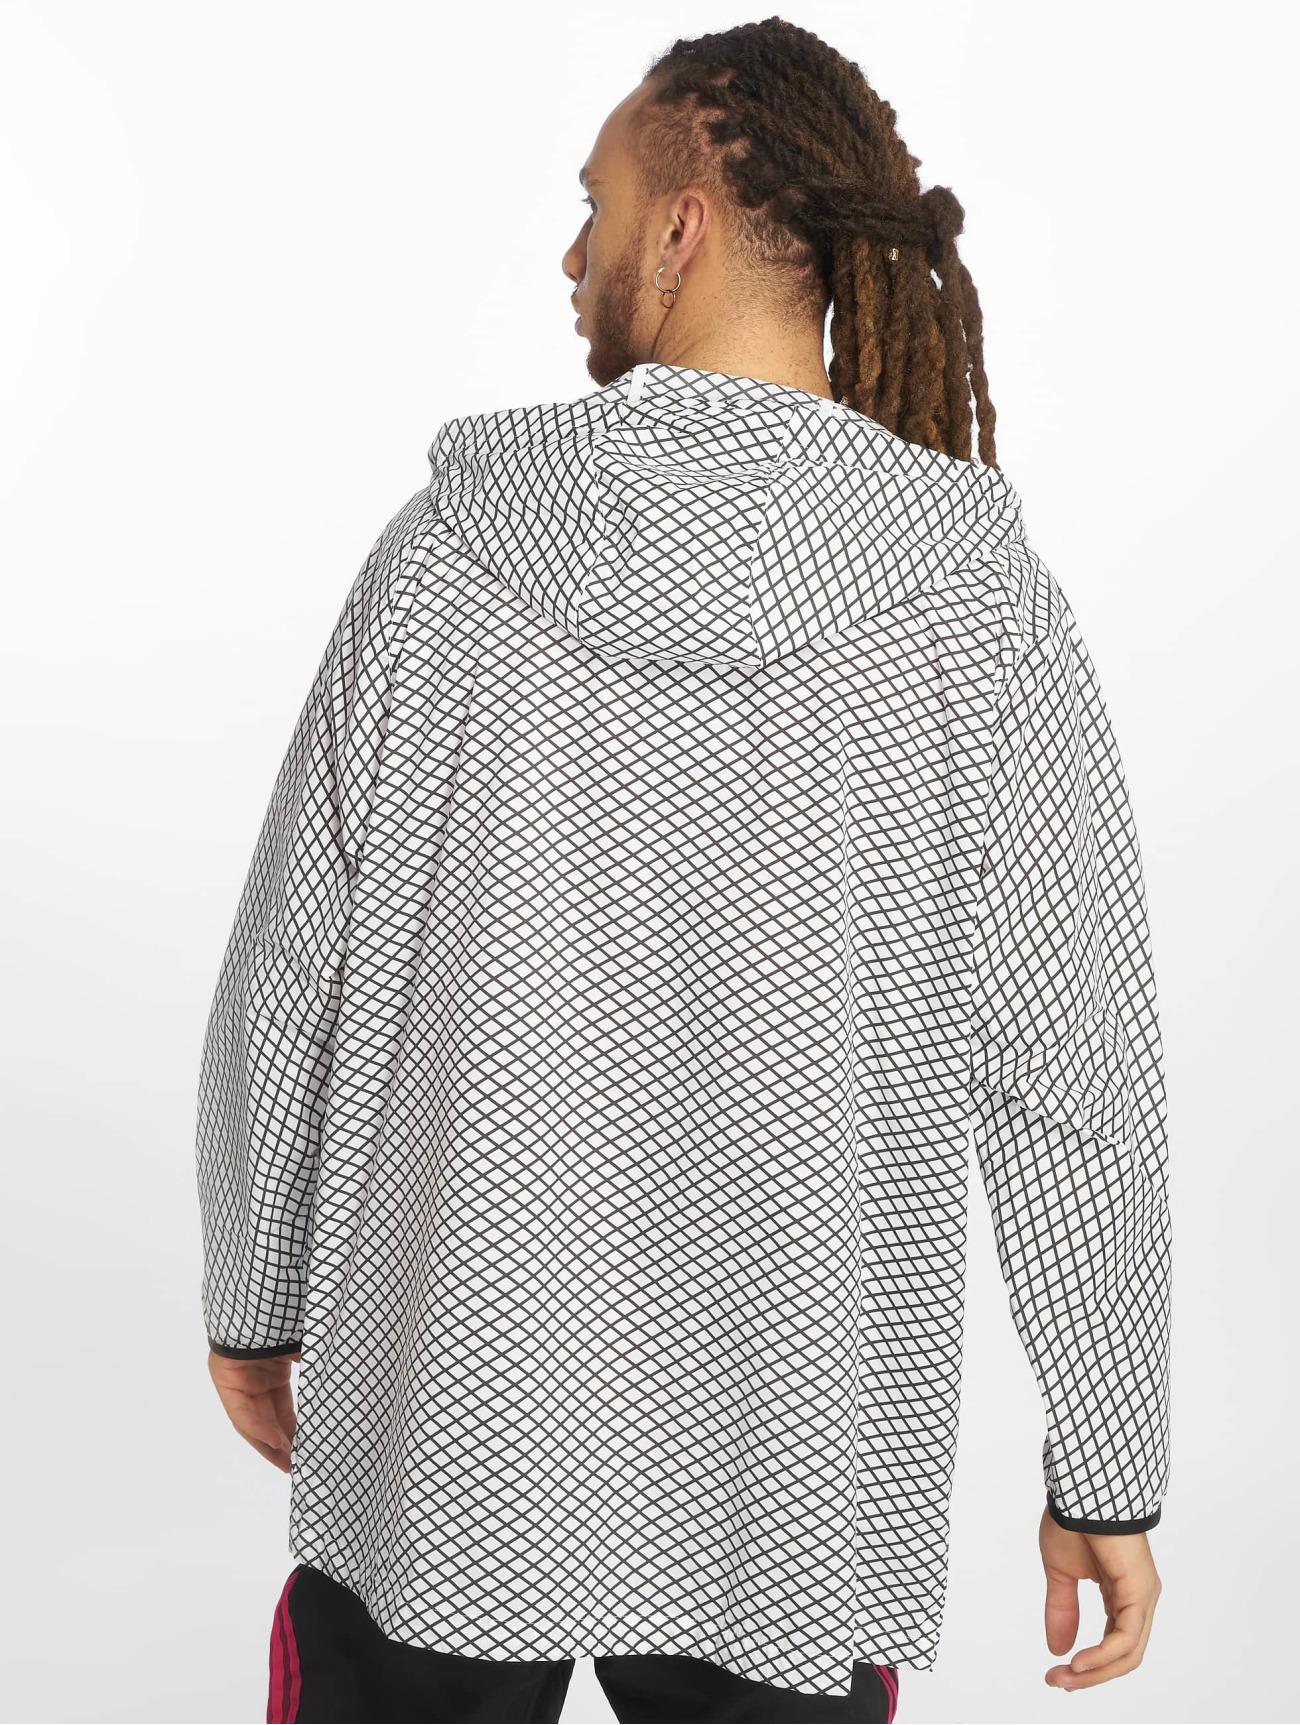 adidas Originals | PLGN Grid  blanc Homme Veste mi-saison légère  401518| Homme Manteaux & Vestes